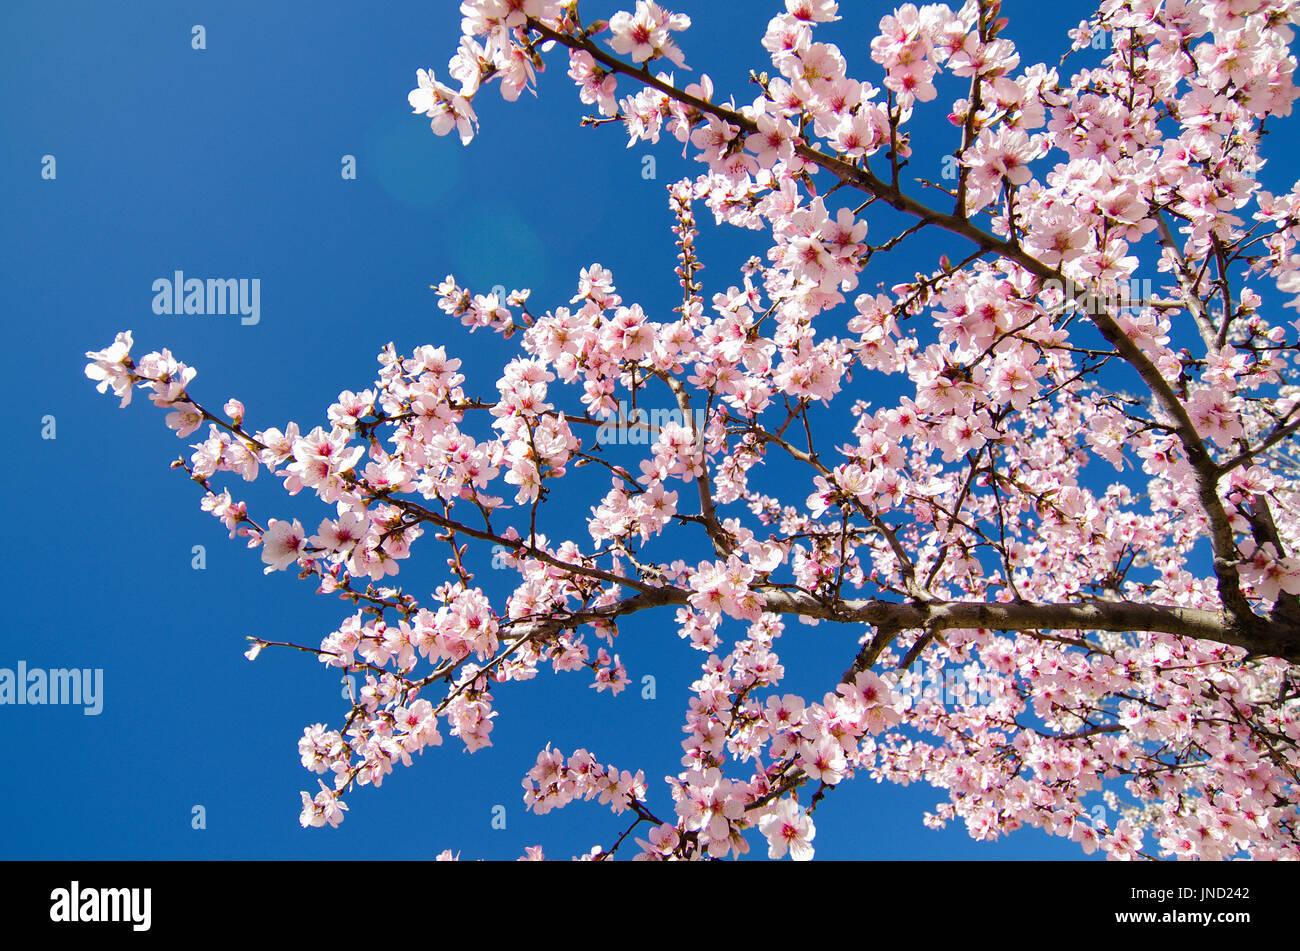 Flowering Tree Spain Stock Photos Flowering Tree Spain Stock